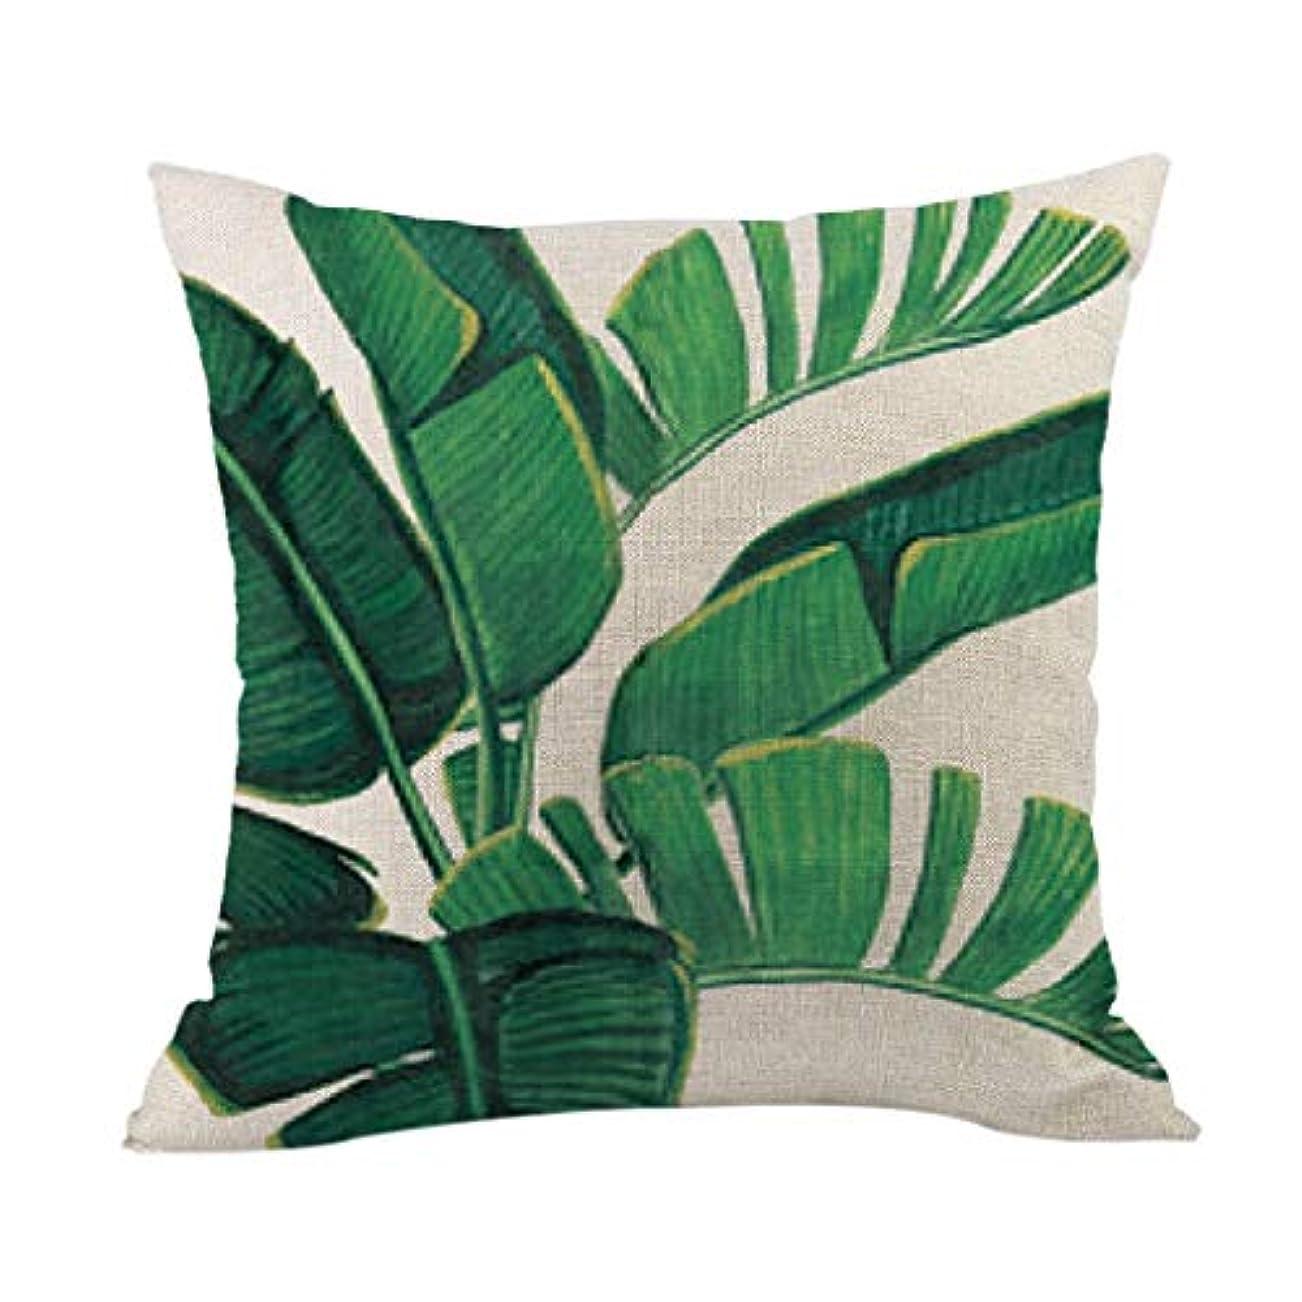 鼓舞する暗黙道に迷いましたLIFE 高品質クッション熱帯植物ポリエステル枕ソファ投げるパッドセットホーム人格クッション coussin decoratif クッション 椅子